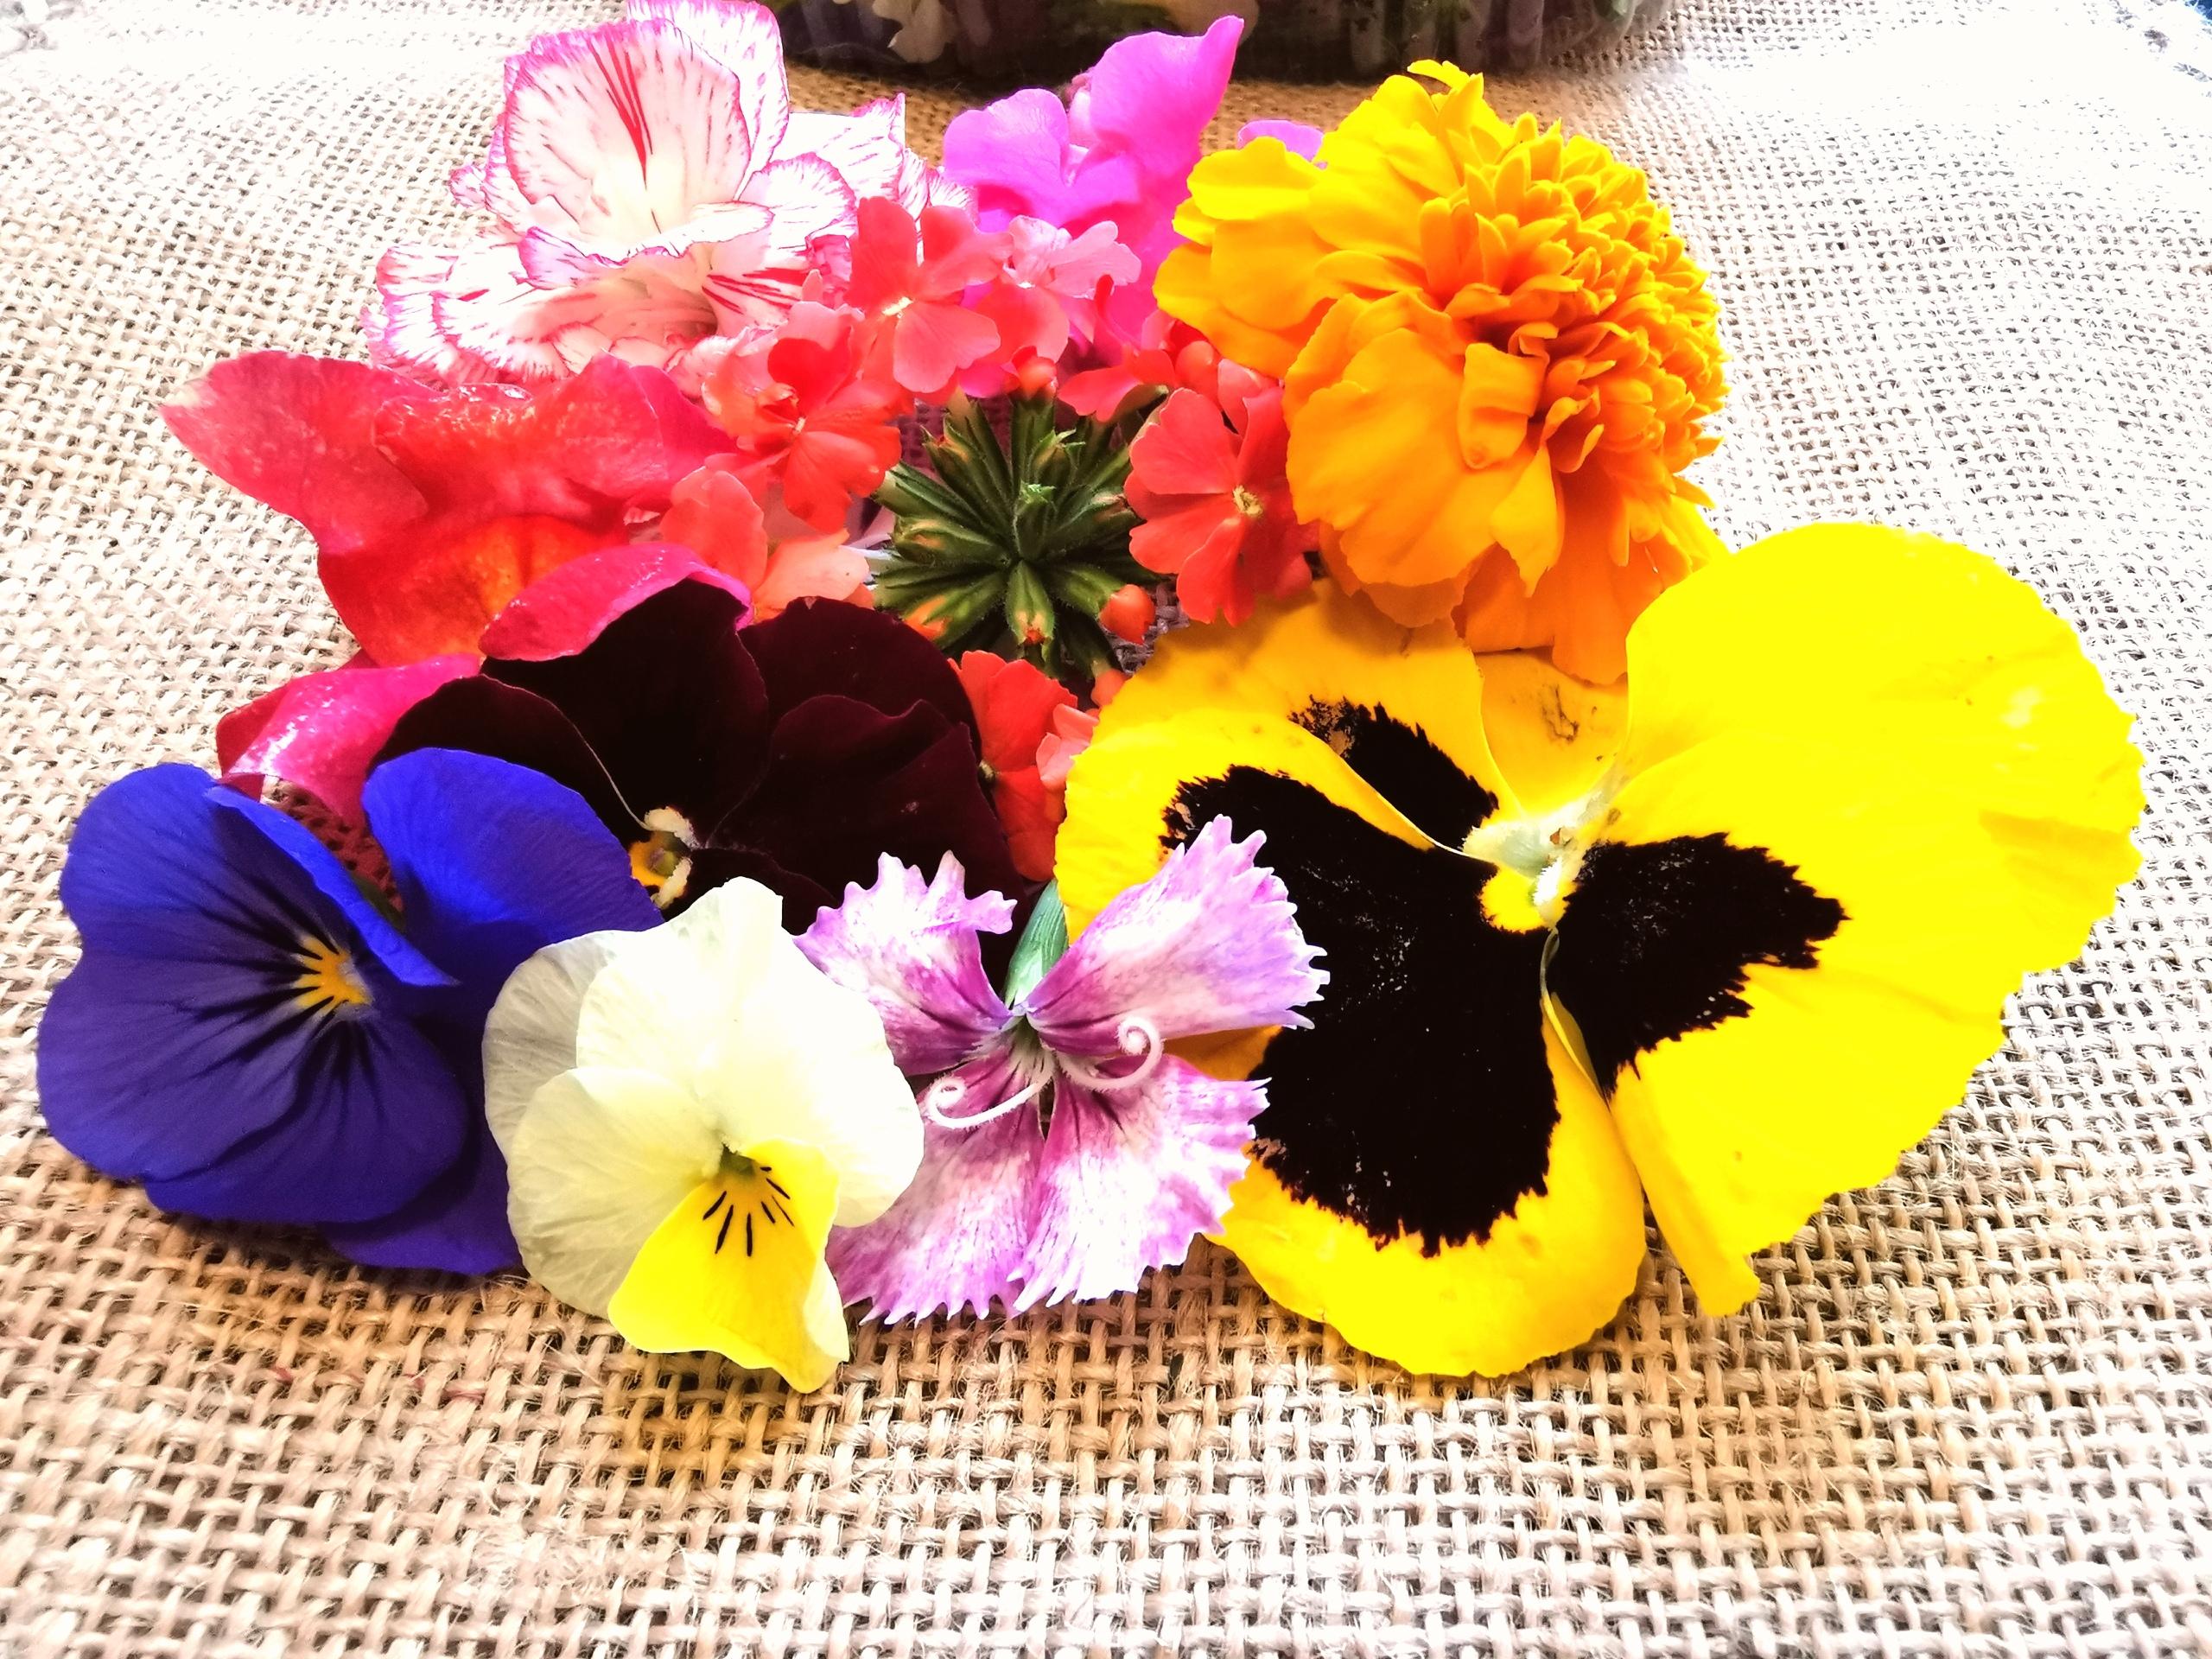 Spiselige blomster fra Middelhavsområdet